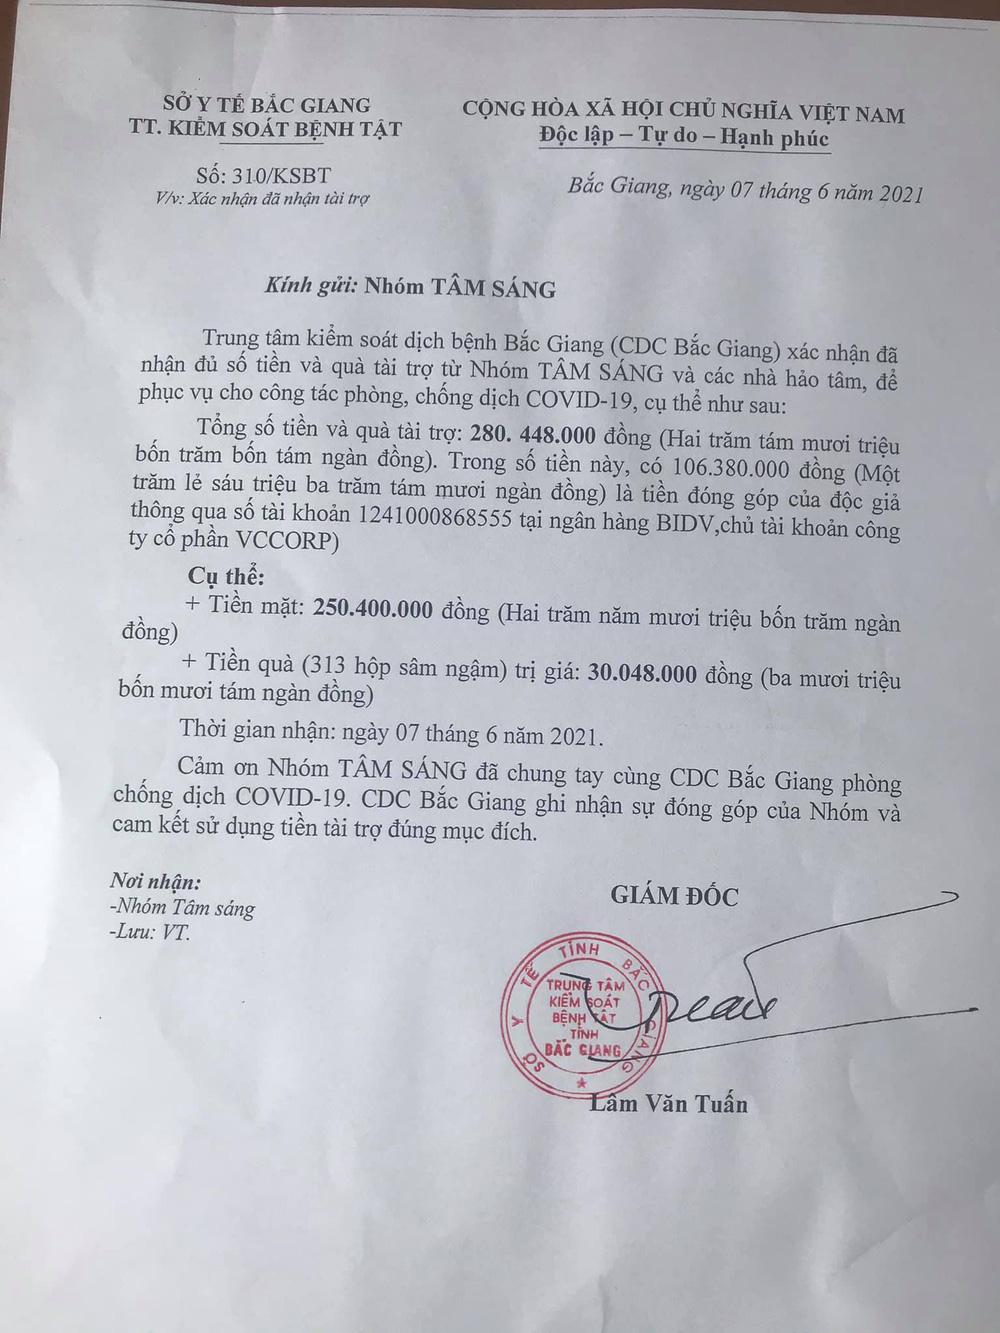 Lời tri ân từ Bộ đội biên phòng Tây Nam và các chiến binh xét nghiệm Bắc Giang - Ảnh 11.